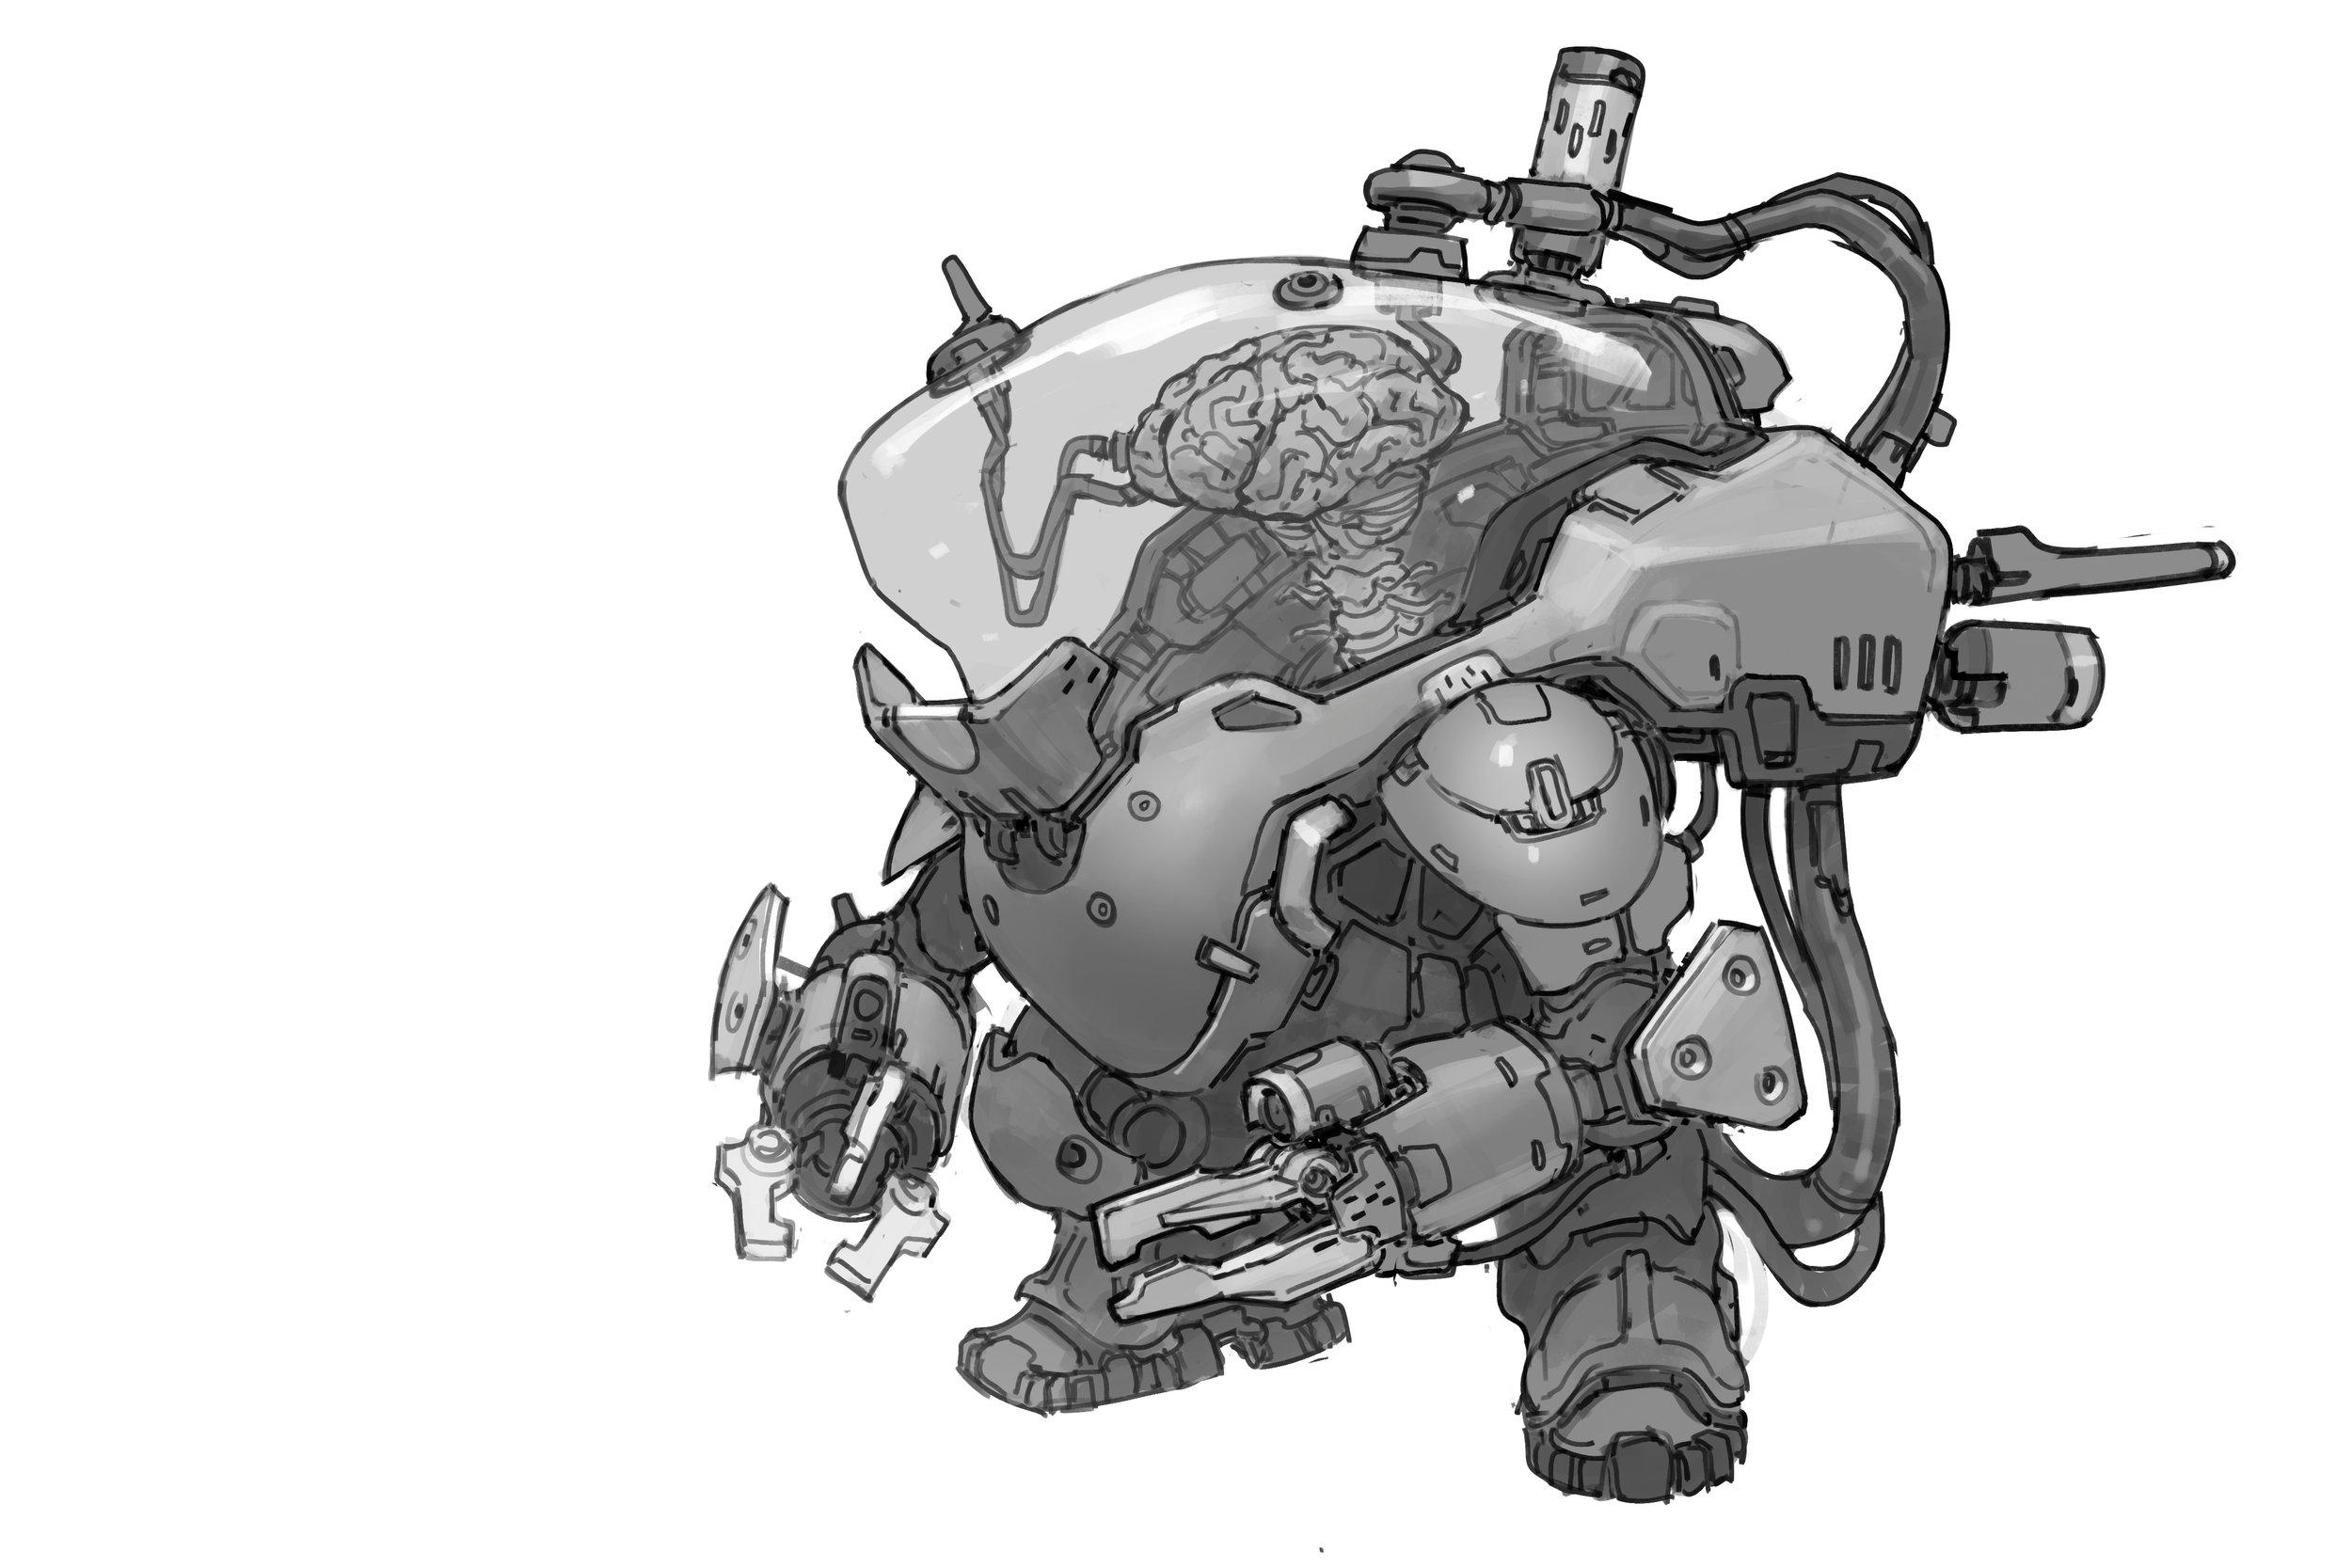 Mechanic_pilot_5_wip_1.jpg